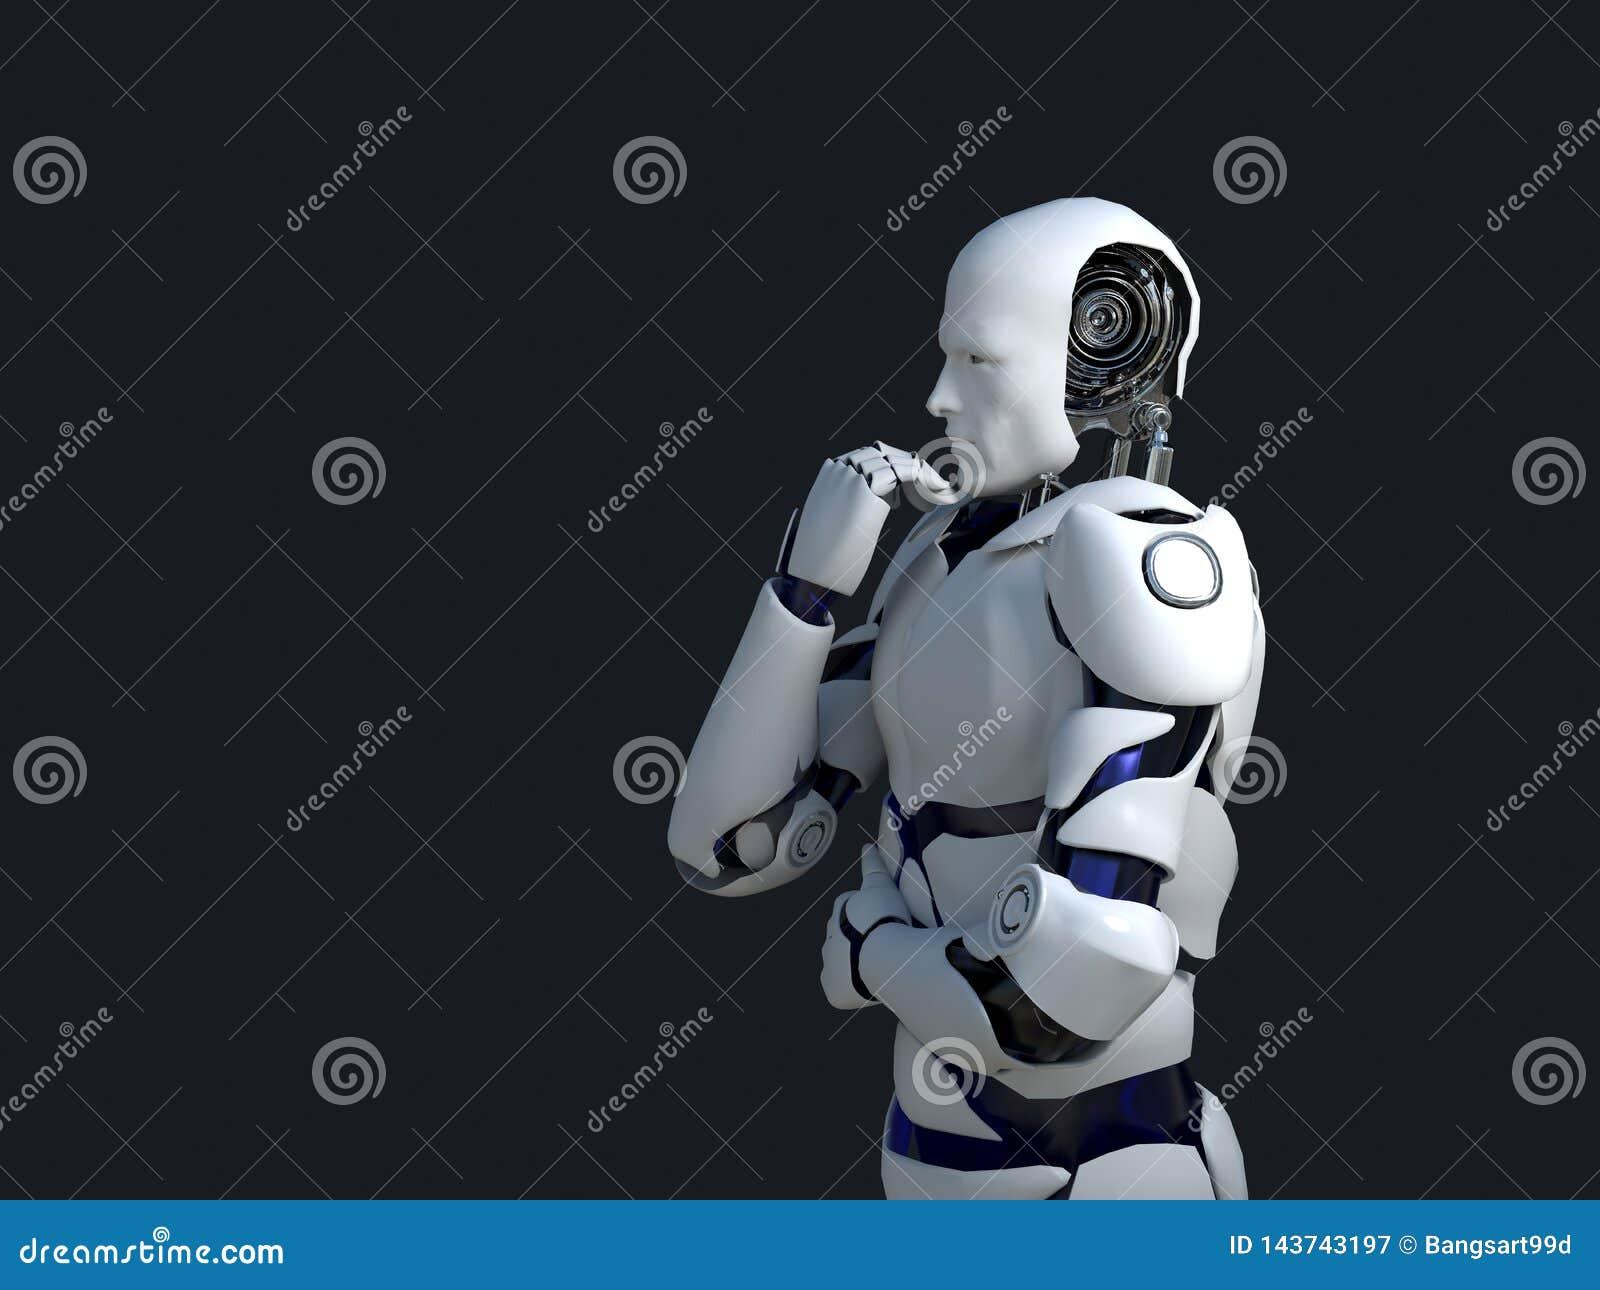 Vit robotteknologi som tänker och sannerligen dess haka teknologi i framtiden, på en svart bakgrund